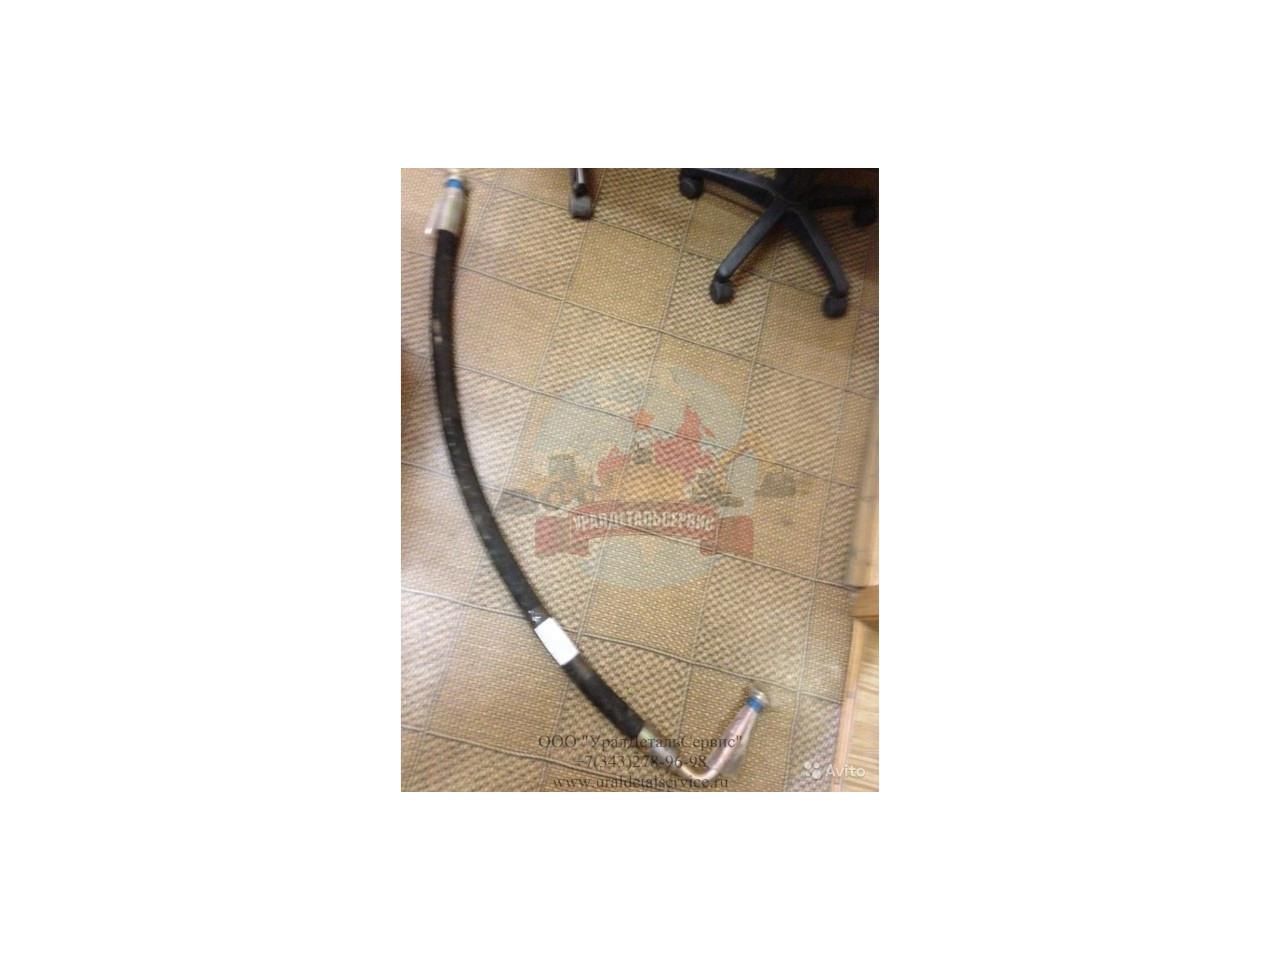 РВД (Рукав высокого давления ) 834/10378 JCB 330